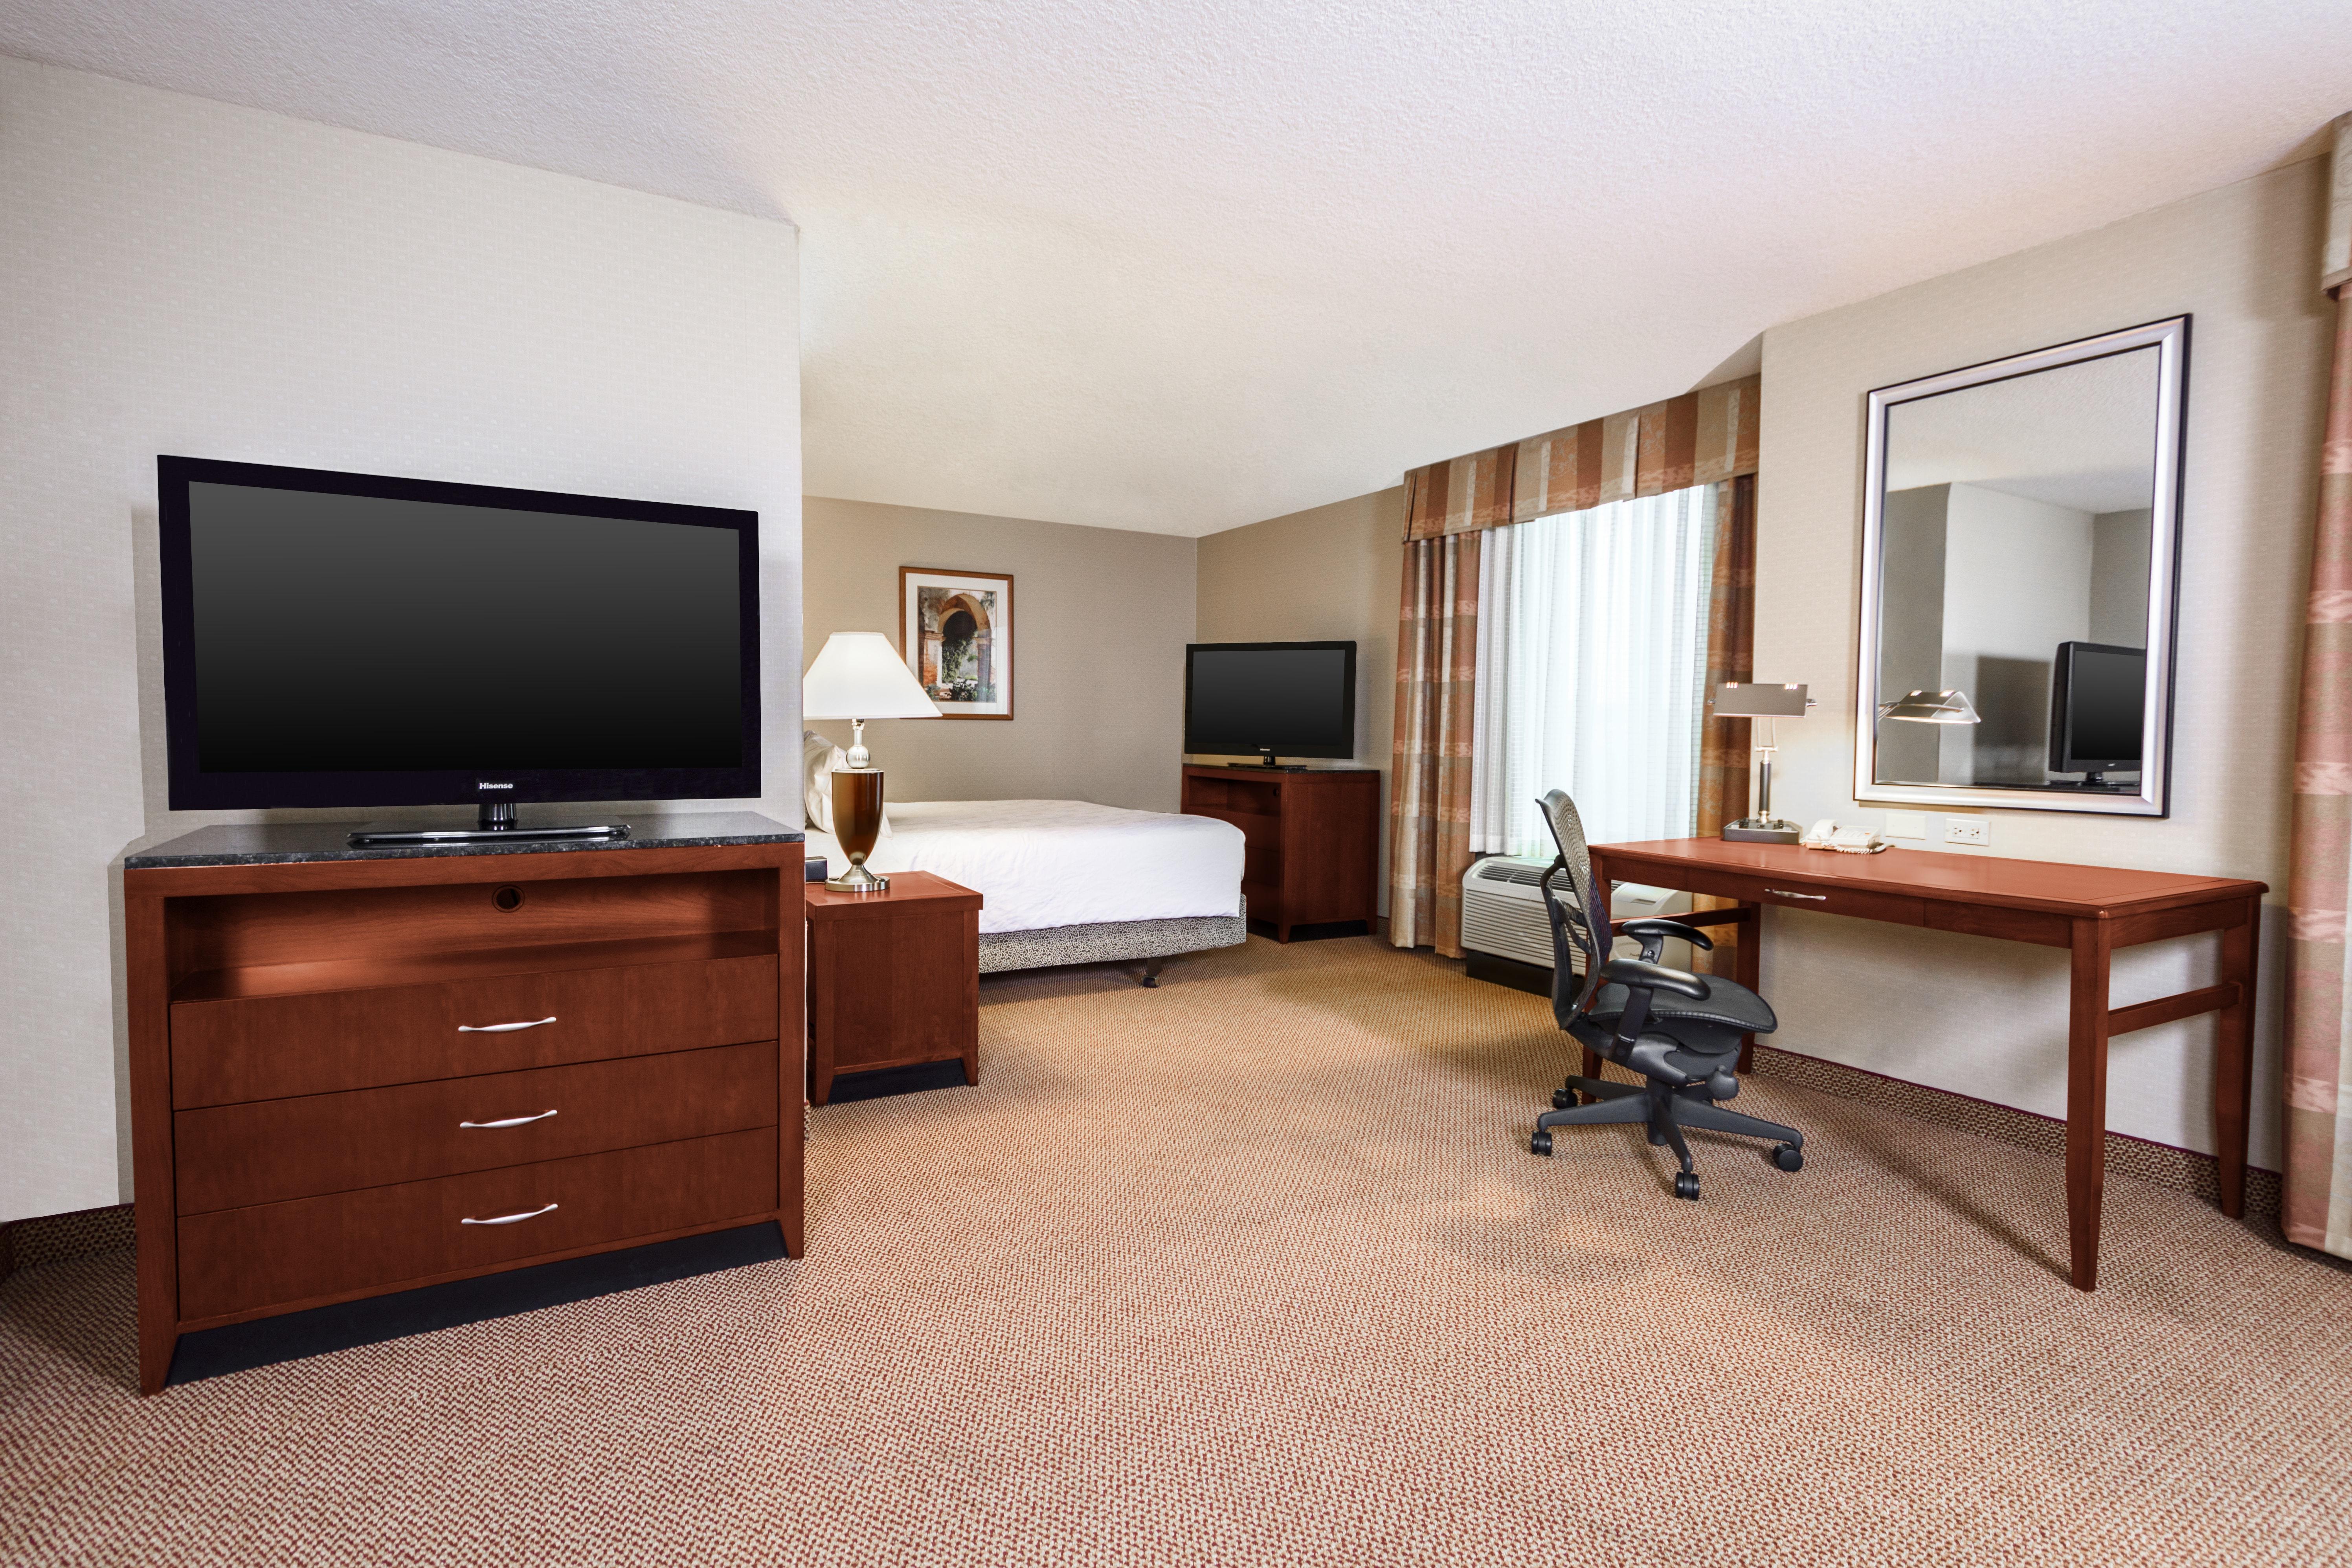 https://www.hotelsbyday.com/_data/default-hotel_image/3/16030/dsc-6681-hdra.jpg